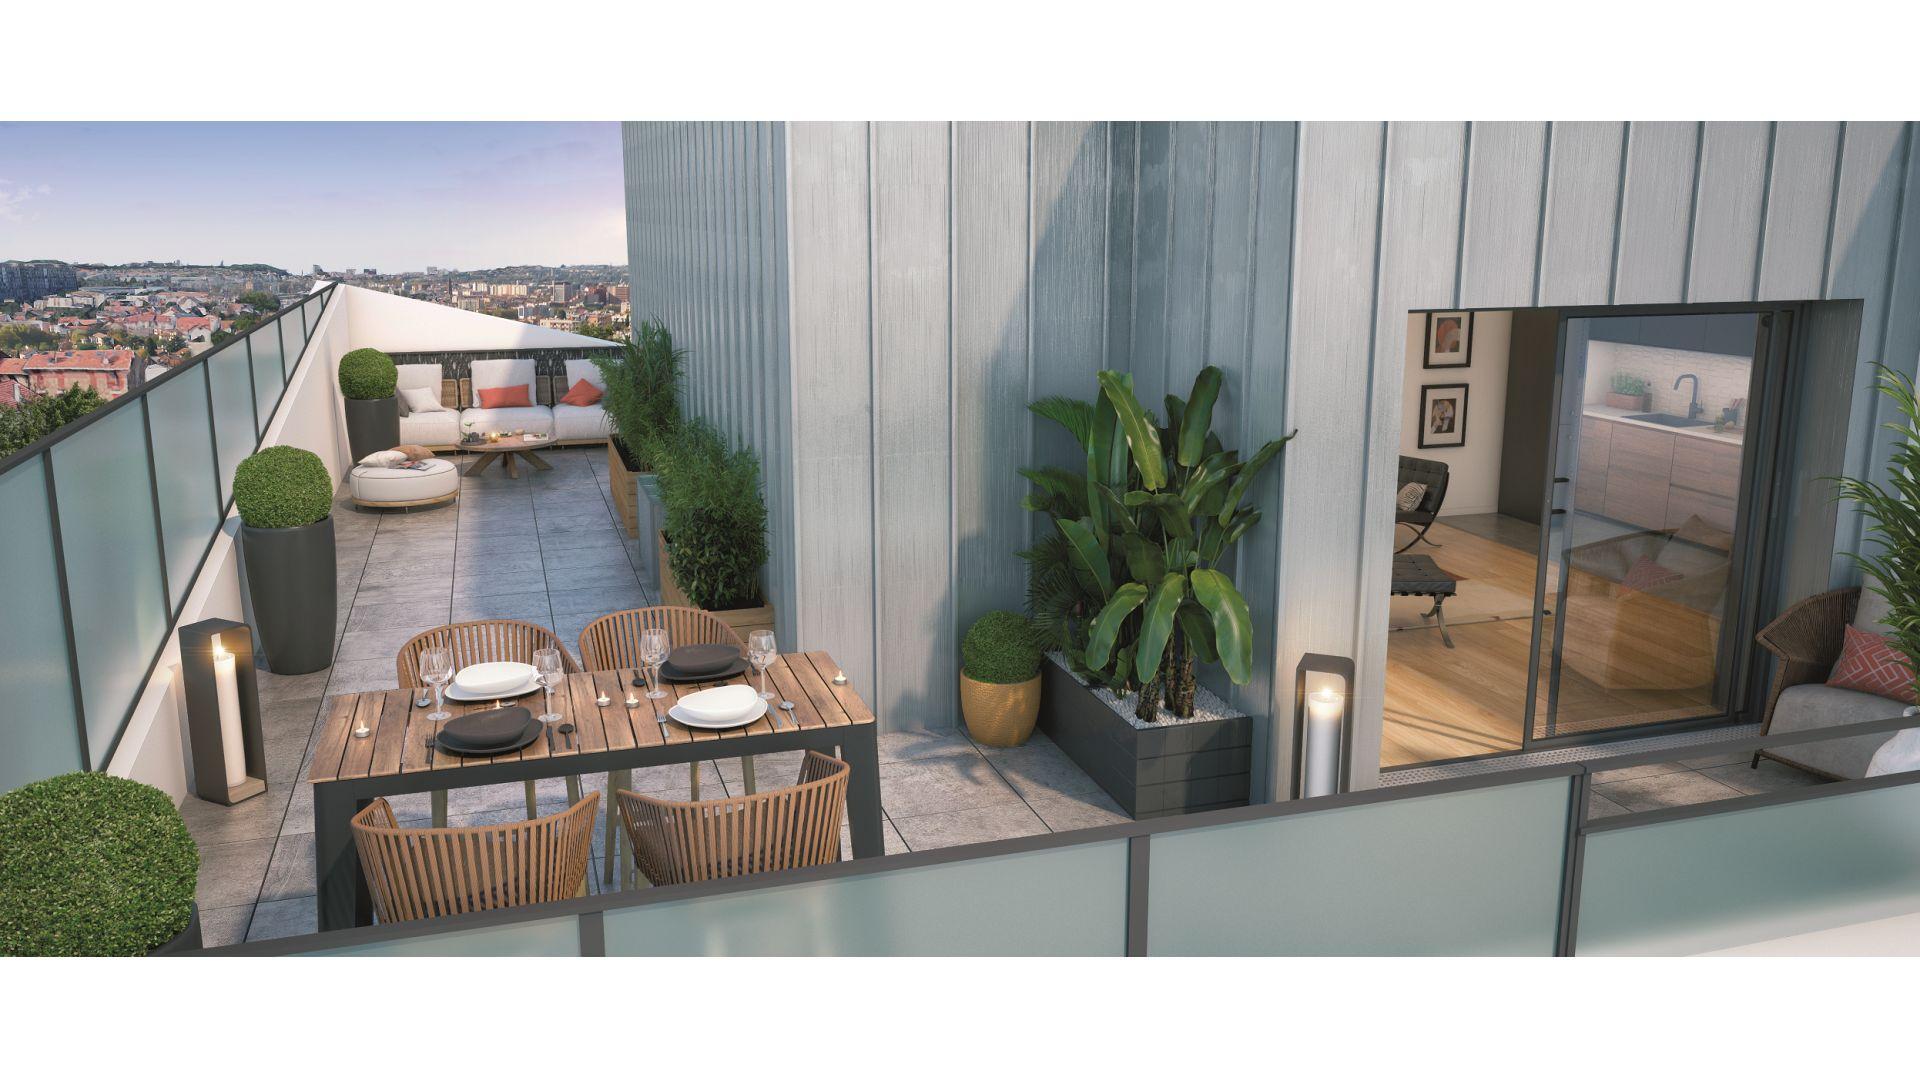 Greencity Immobilier - Résidence Silver Park - achat appartements du T2 au T4 - Le Perreux sur Marne 94170 - vue terrasse